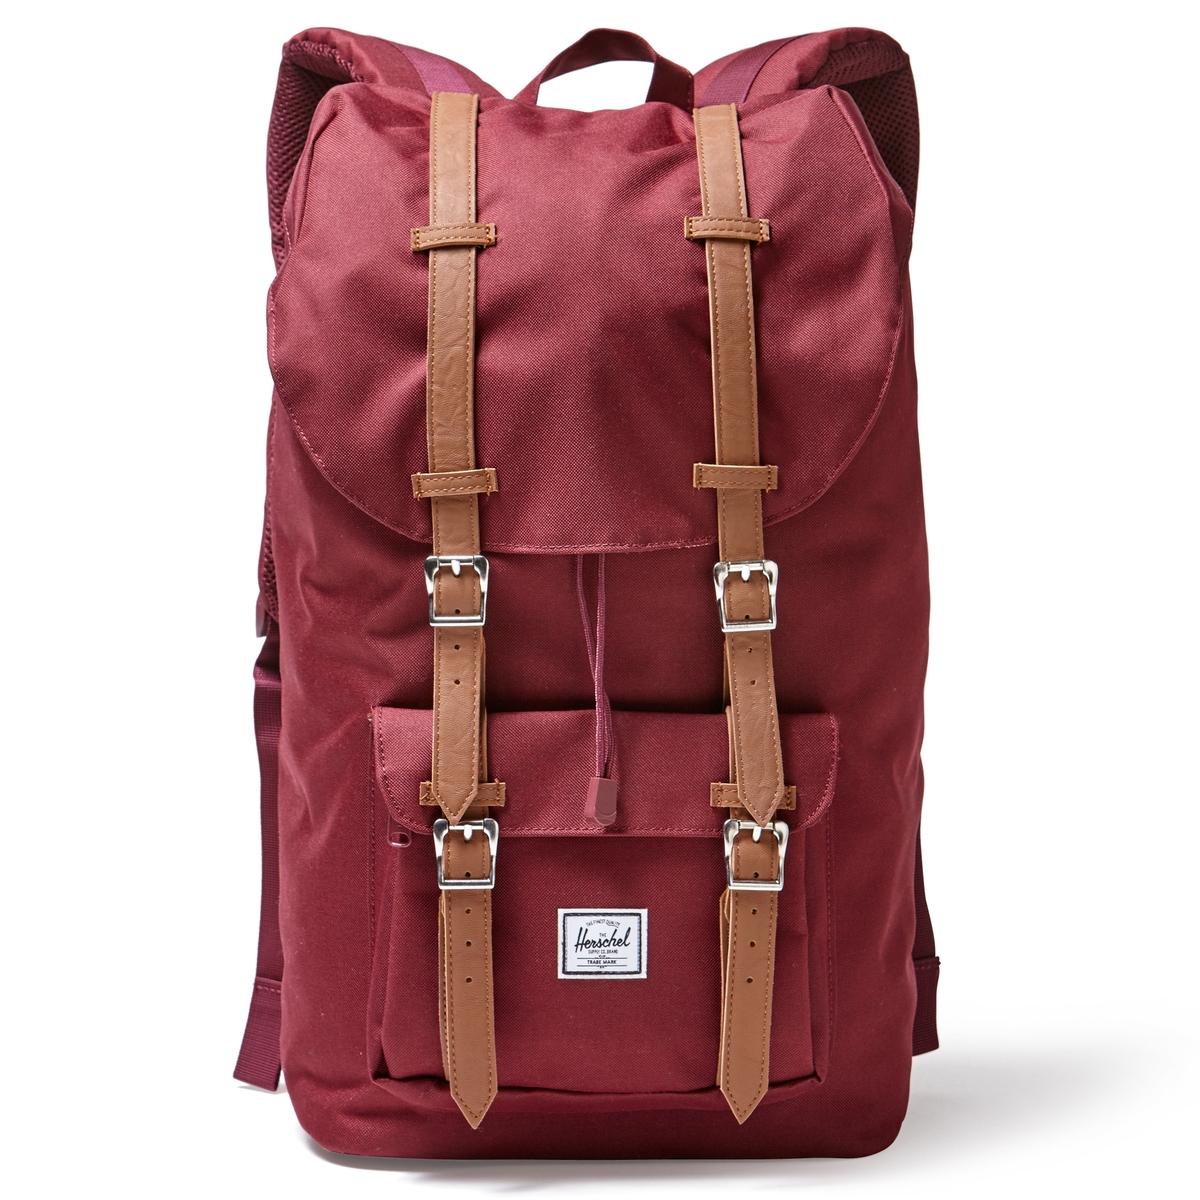 Рюкзак LITTLE AMERICA 25Л с карманом  для ноутбукаОписание:Рюкзак HERSCHEL. 100% полиэстер. Регулируемые ручки. Небольшой внешний карман. Застежка на магниты. Внутреннее отделение для ноутбука.Размеры : 28 x 13 x 45 см.<br><br>Цвет: бордовый